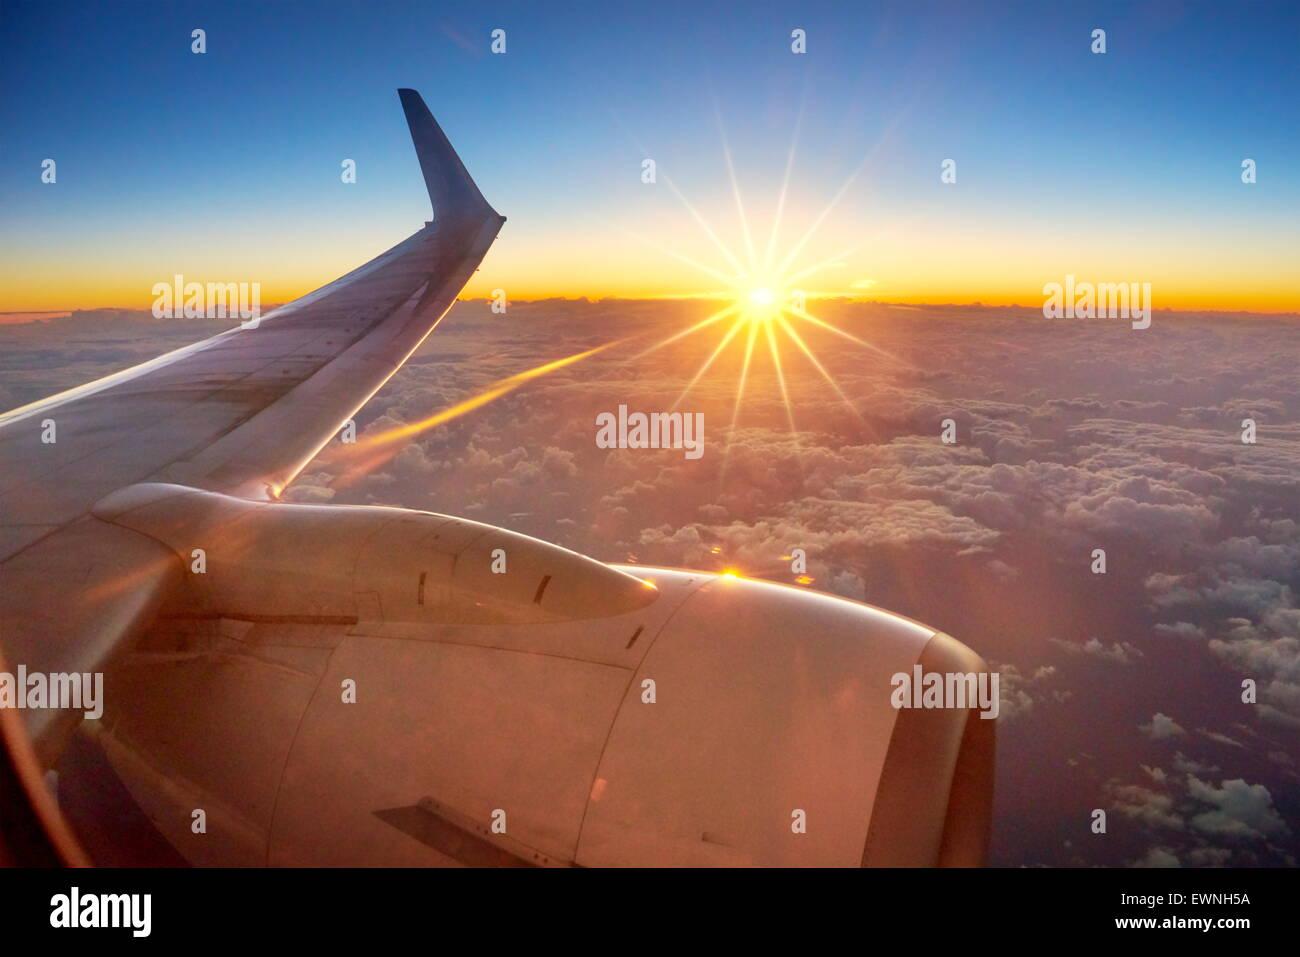 Vue du coucher de soleil à partir de la fenêtre de l'avion Banque D'Images